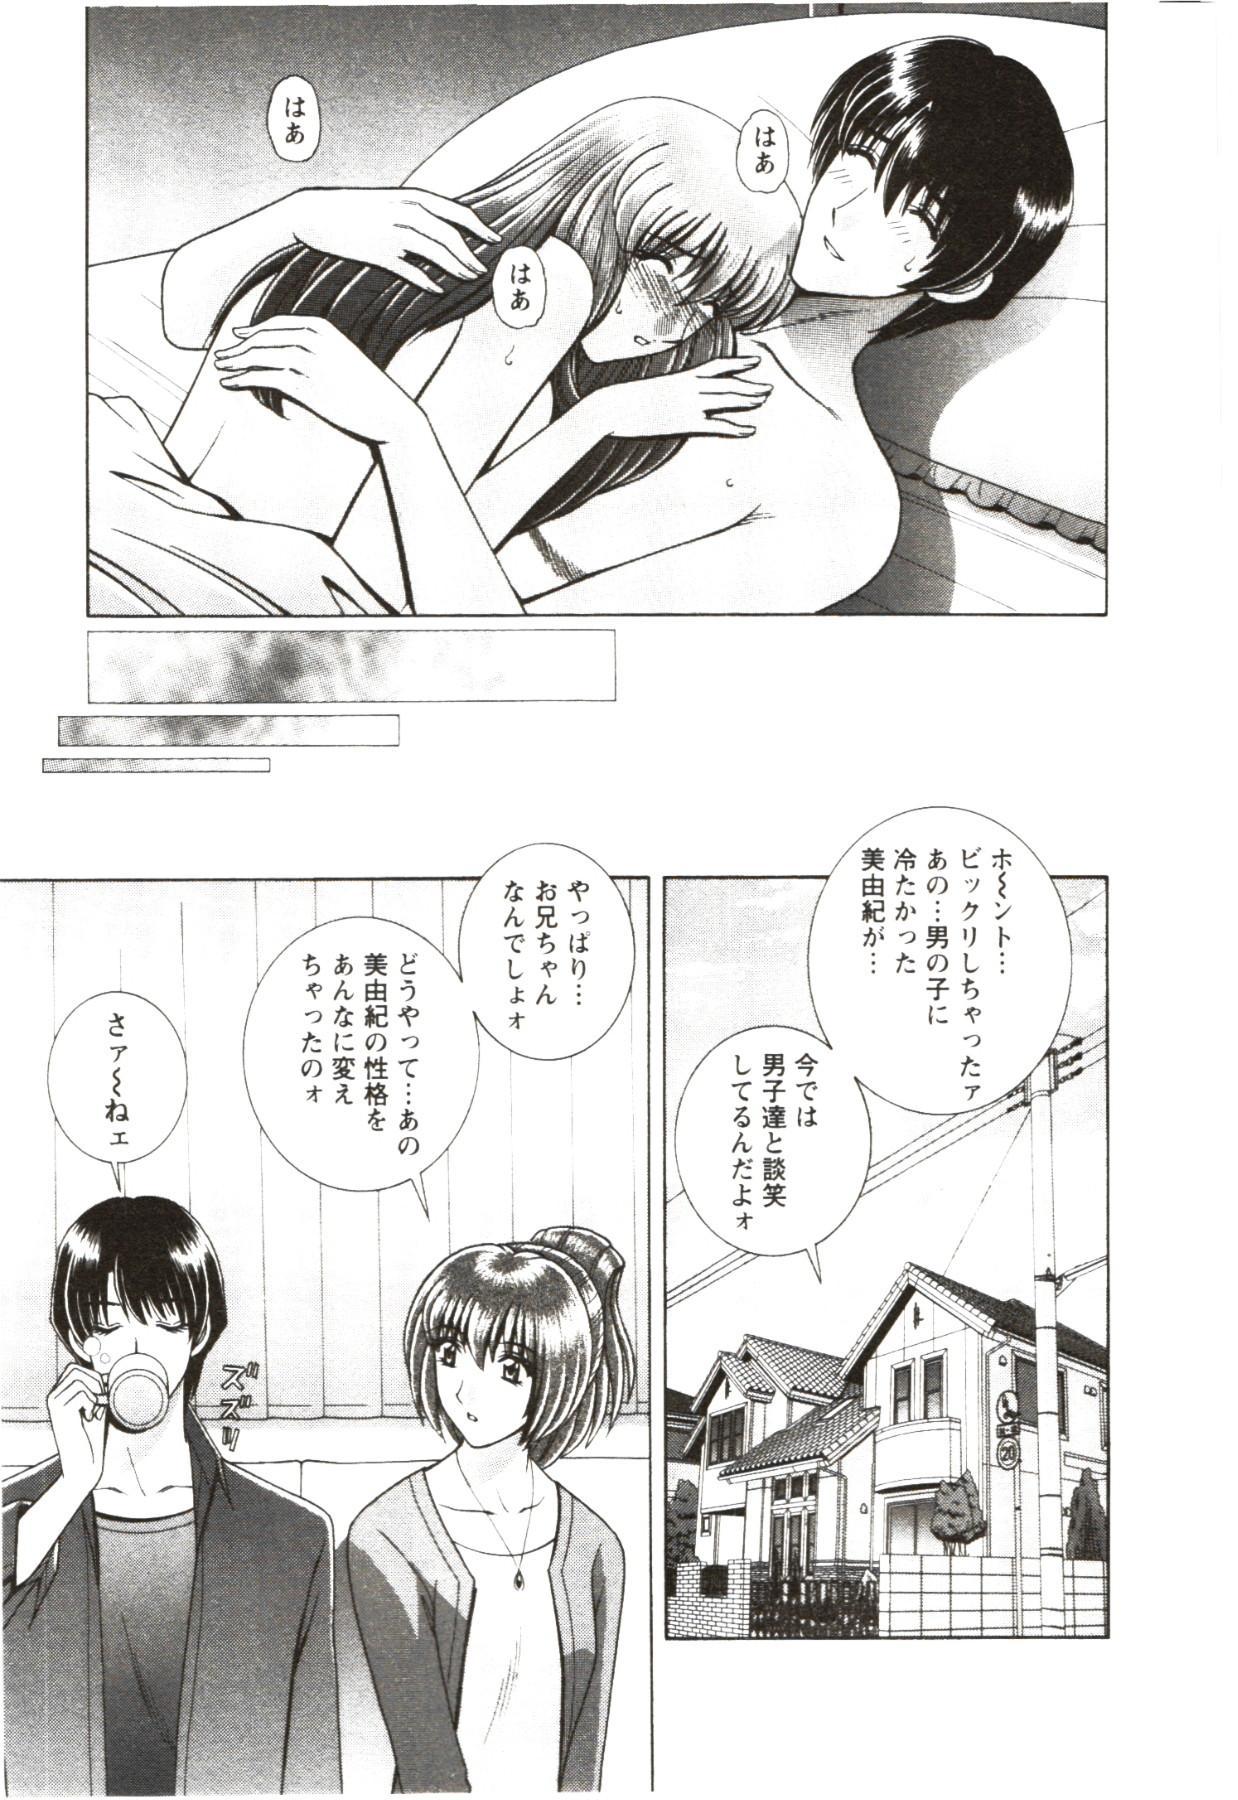 Futarigurashi 94